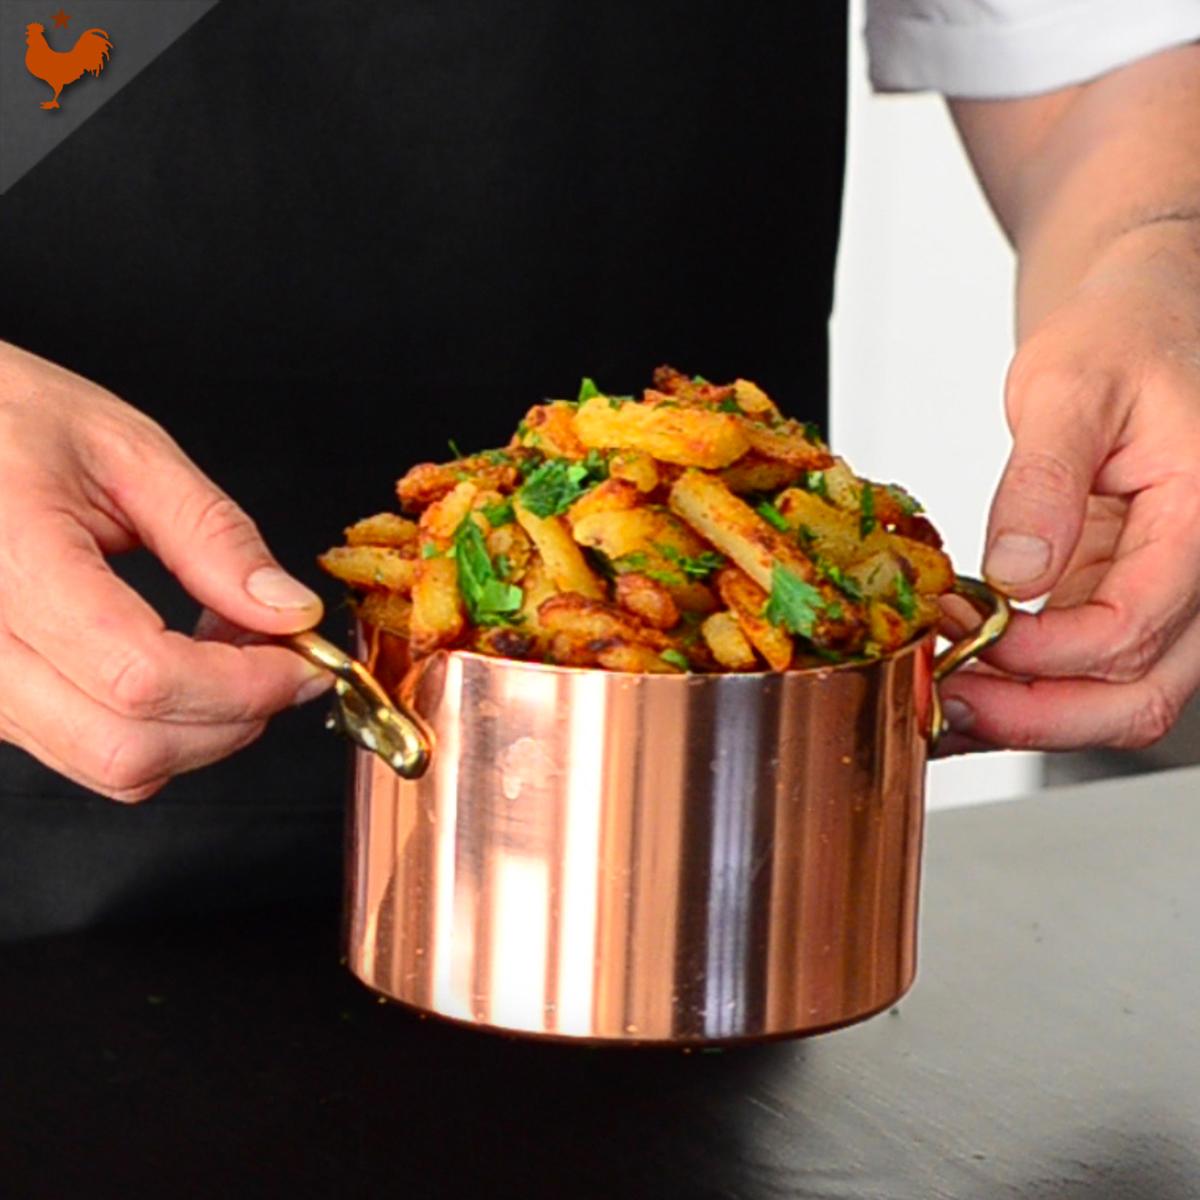 Les frites allégées et croustillantes au four de Pierre Marchesseau